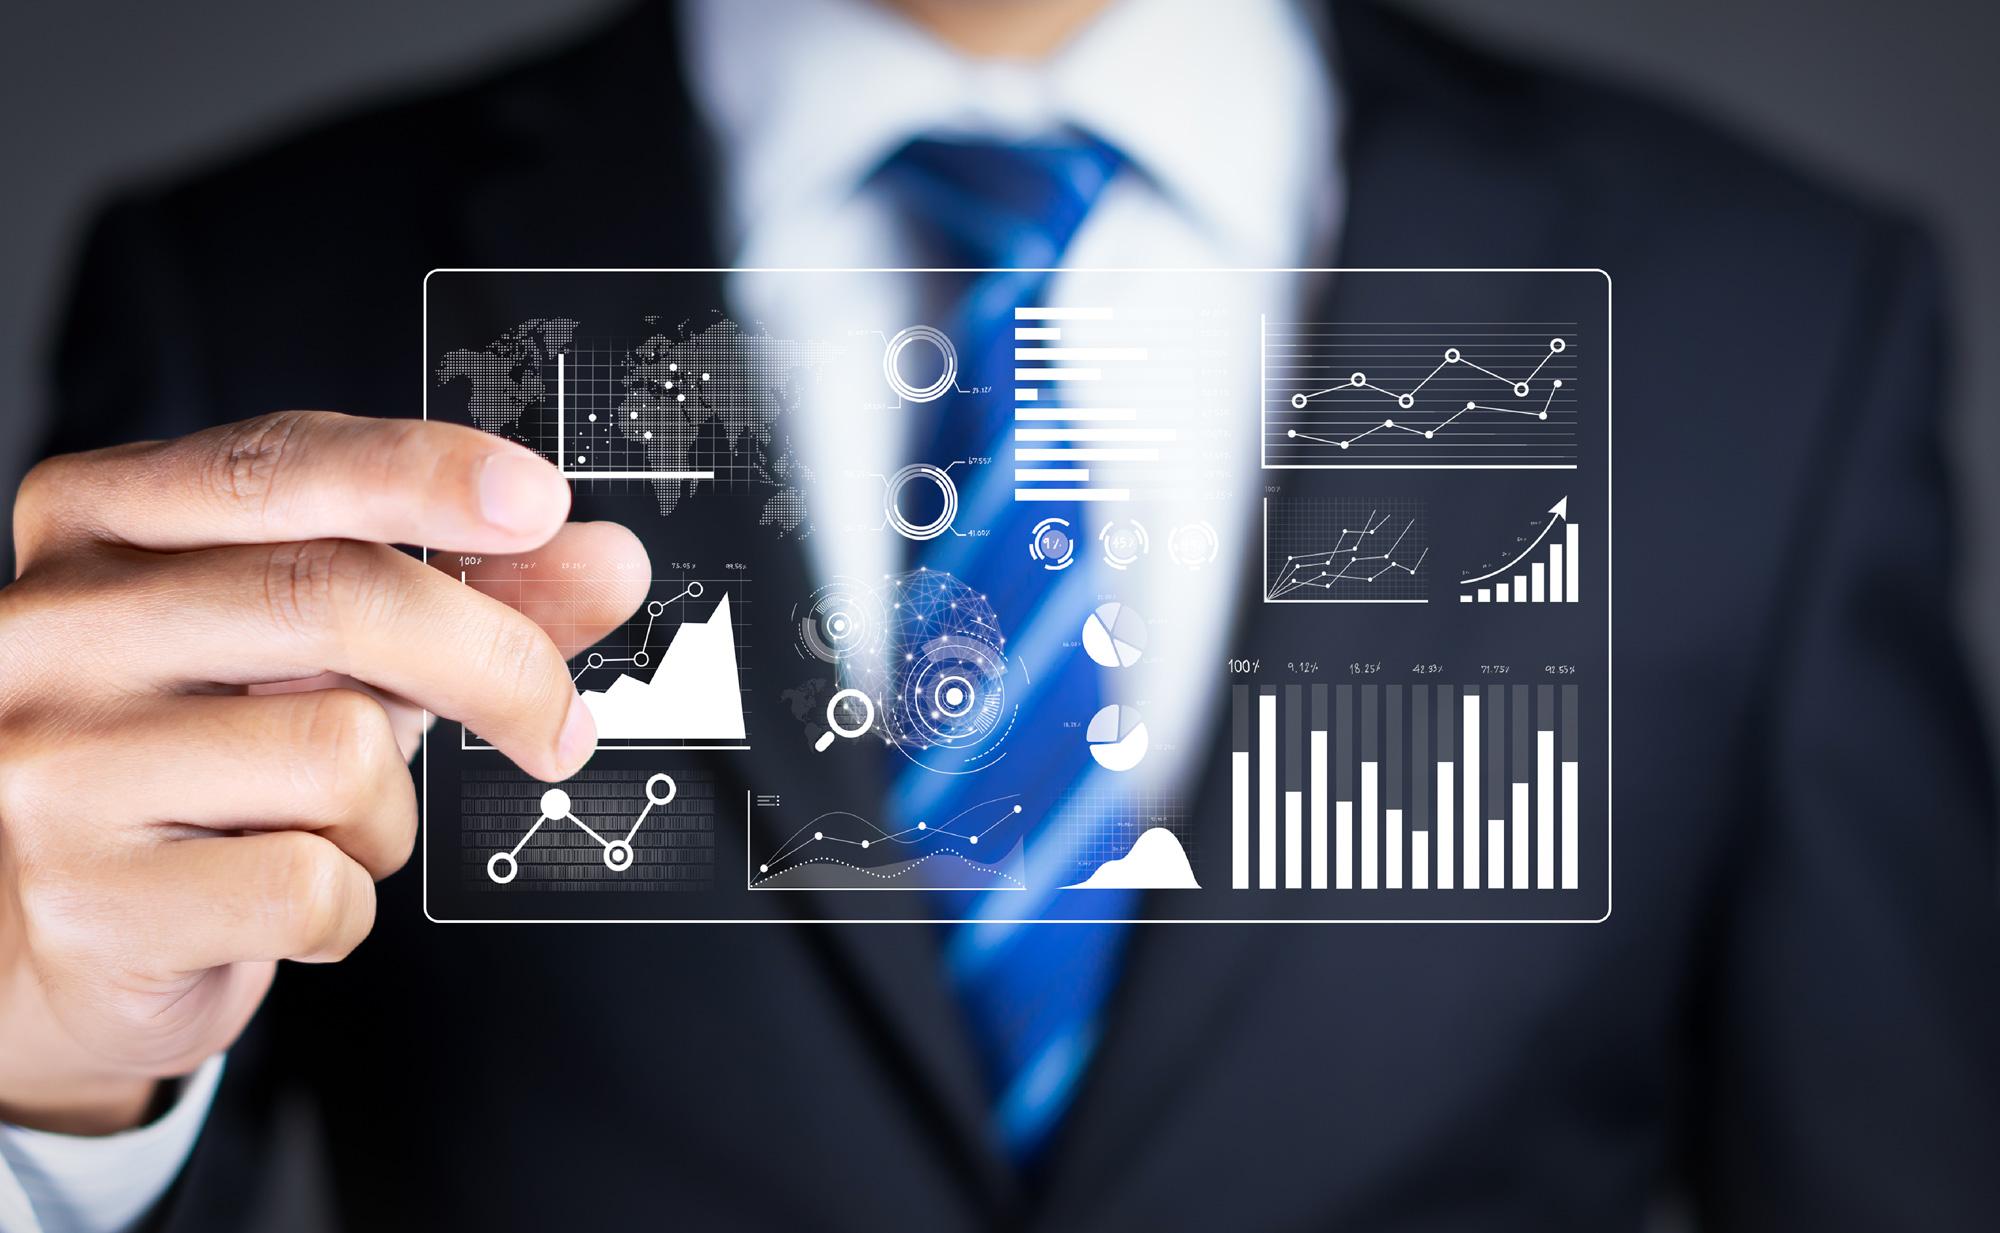 Analisi e posizionamento strategico